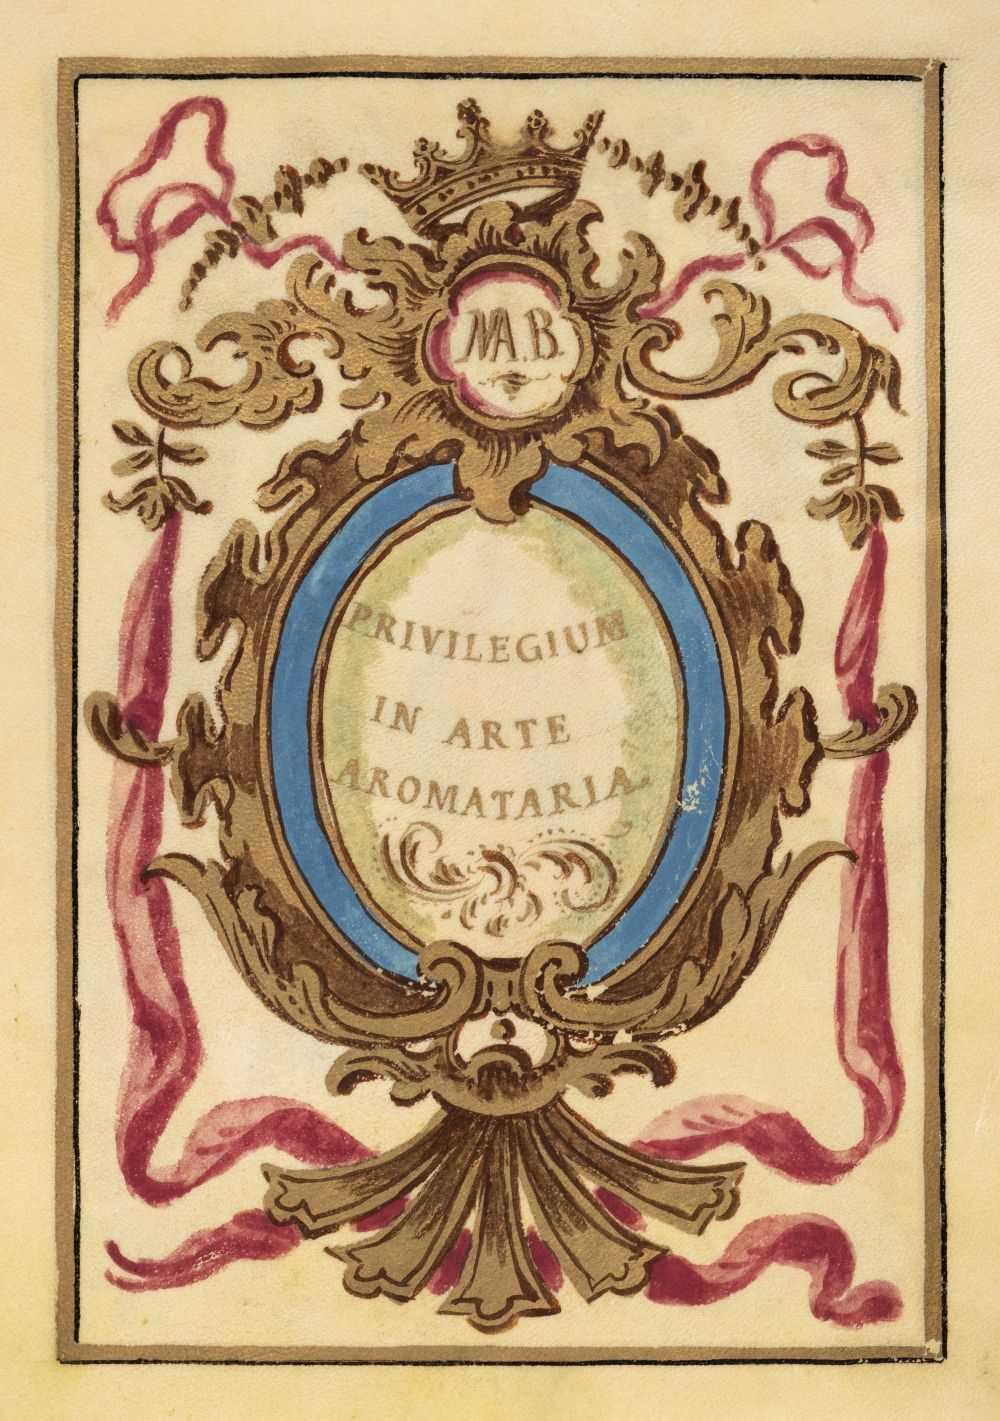 Illuminated vellum manuscript art instruction images CD